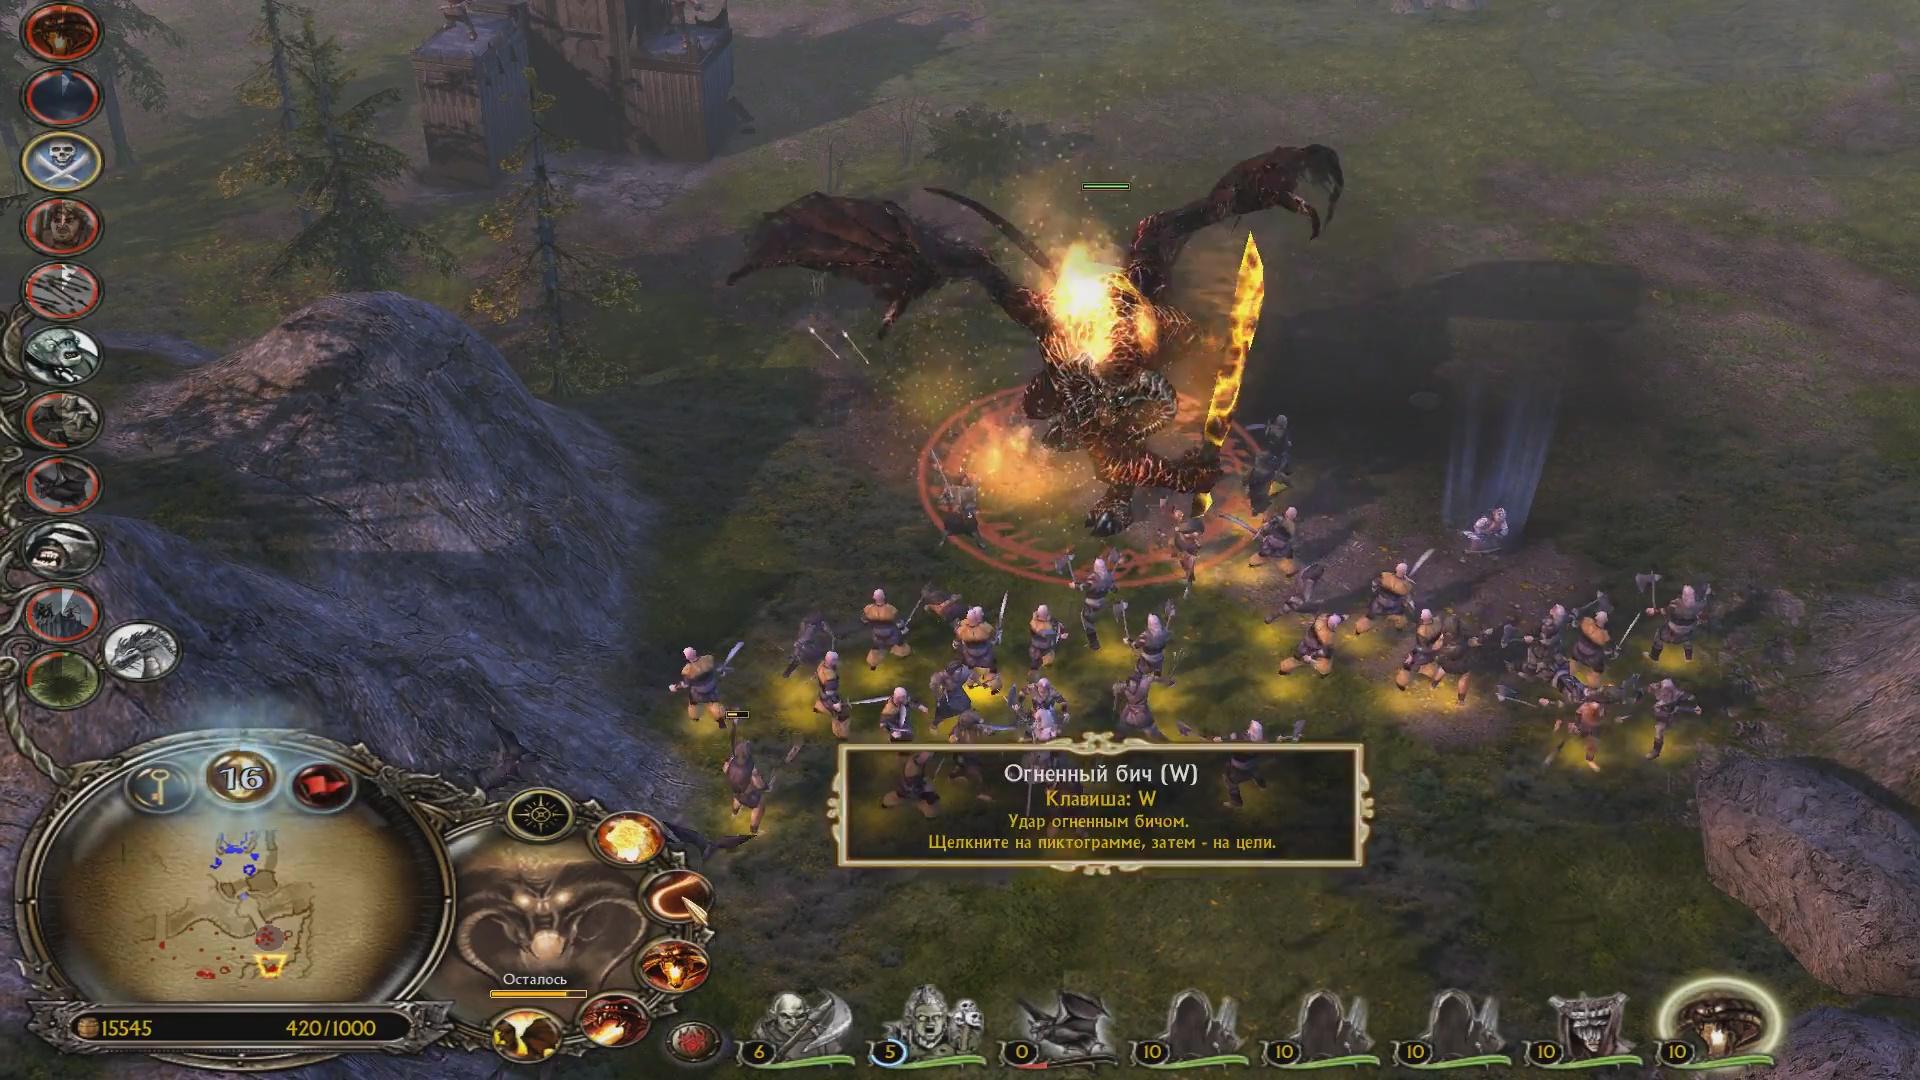 Ретроспективный обзор The Battle for Middle-Earth II | Битва за Средиземье 2. - Изображение 25